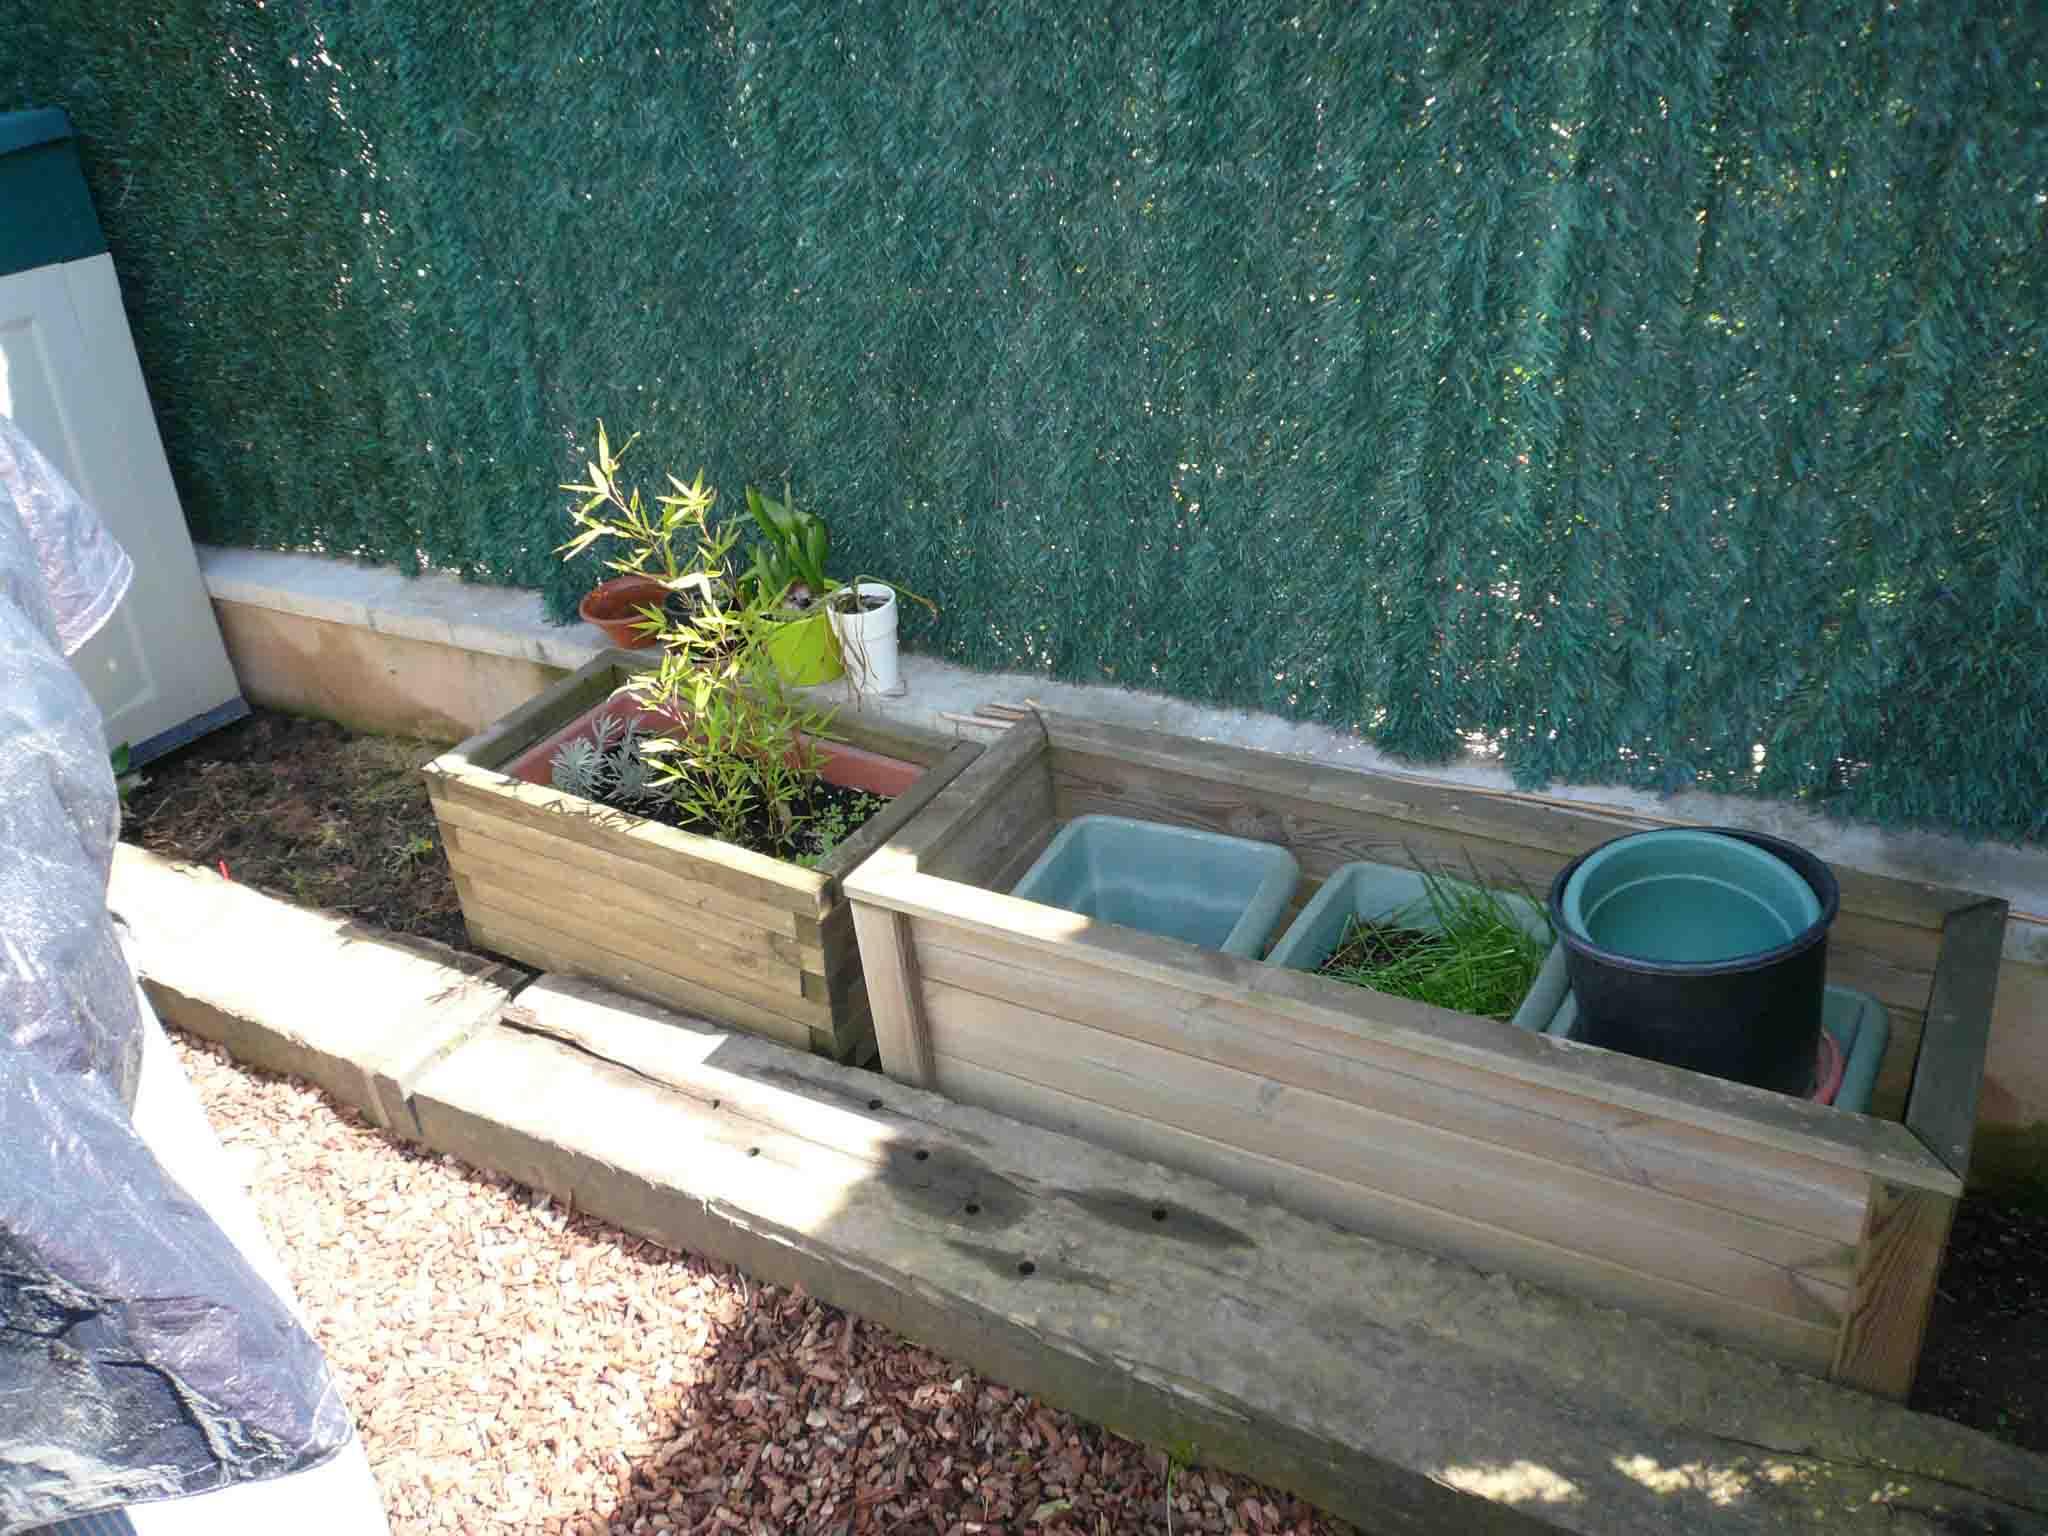 Mejorar un peque o jard n con peque o presupuesto - Presupuesto jardin ...